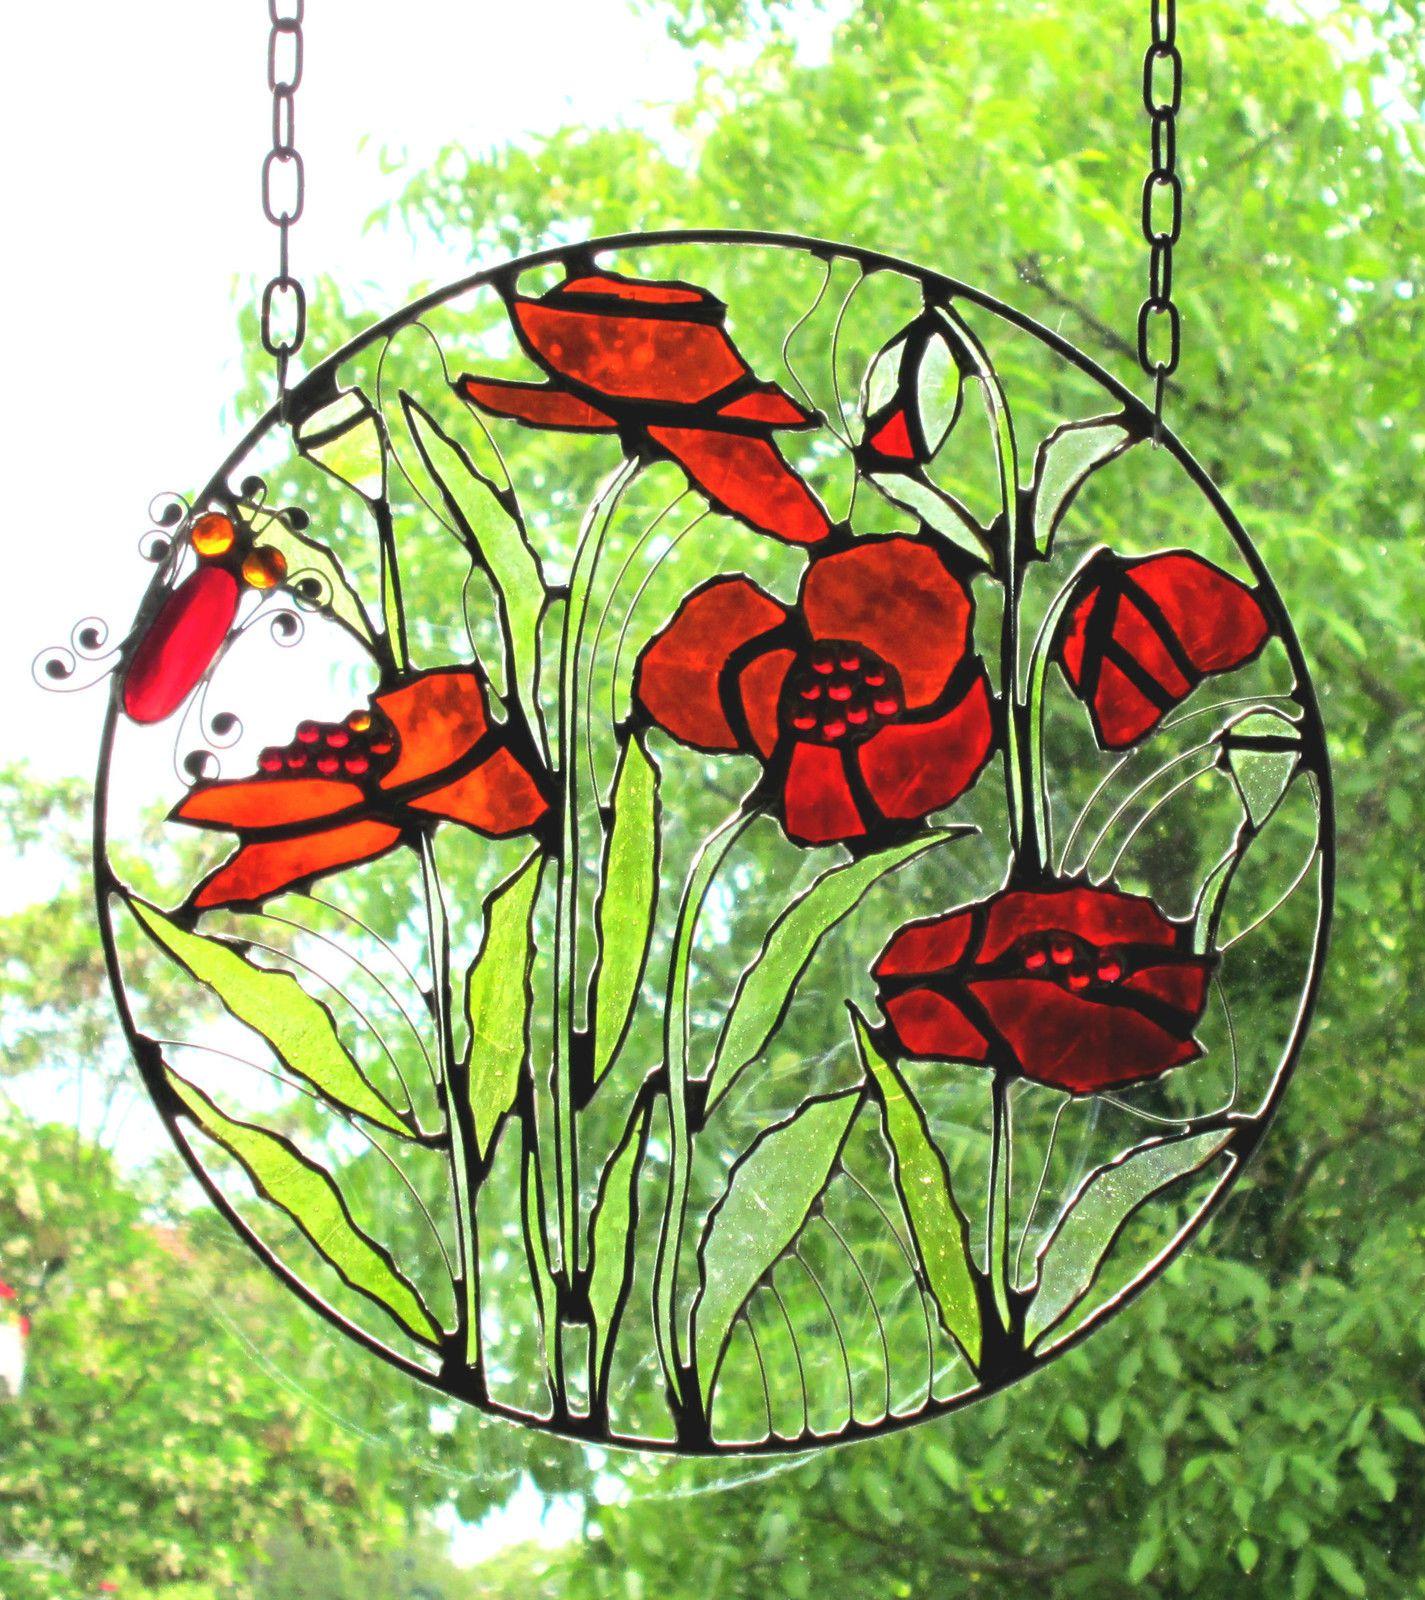 tiffany lampen vorlagen tolle bild oder dffdbabdaabdd